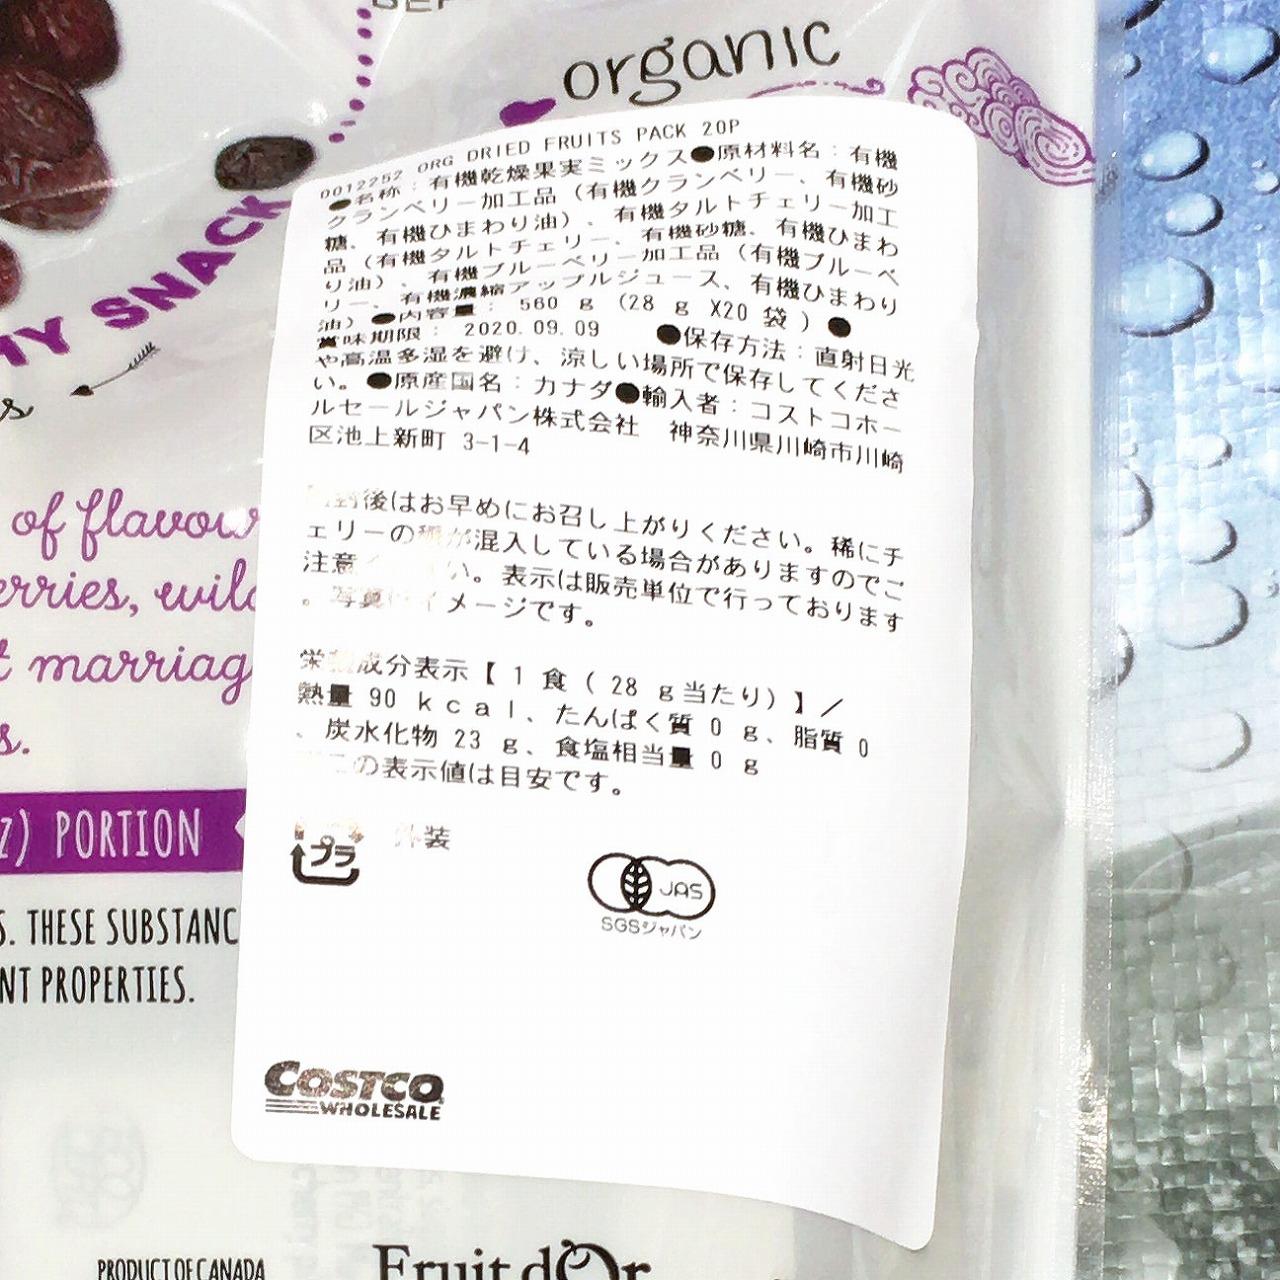 [3]が投稿したPATIENCE FRUIT&CO. オーガニックドライフルーツパックの写真